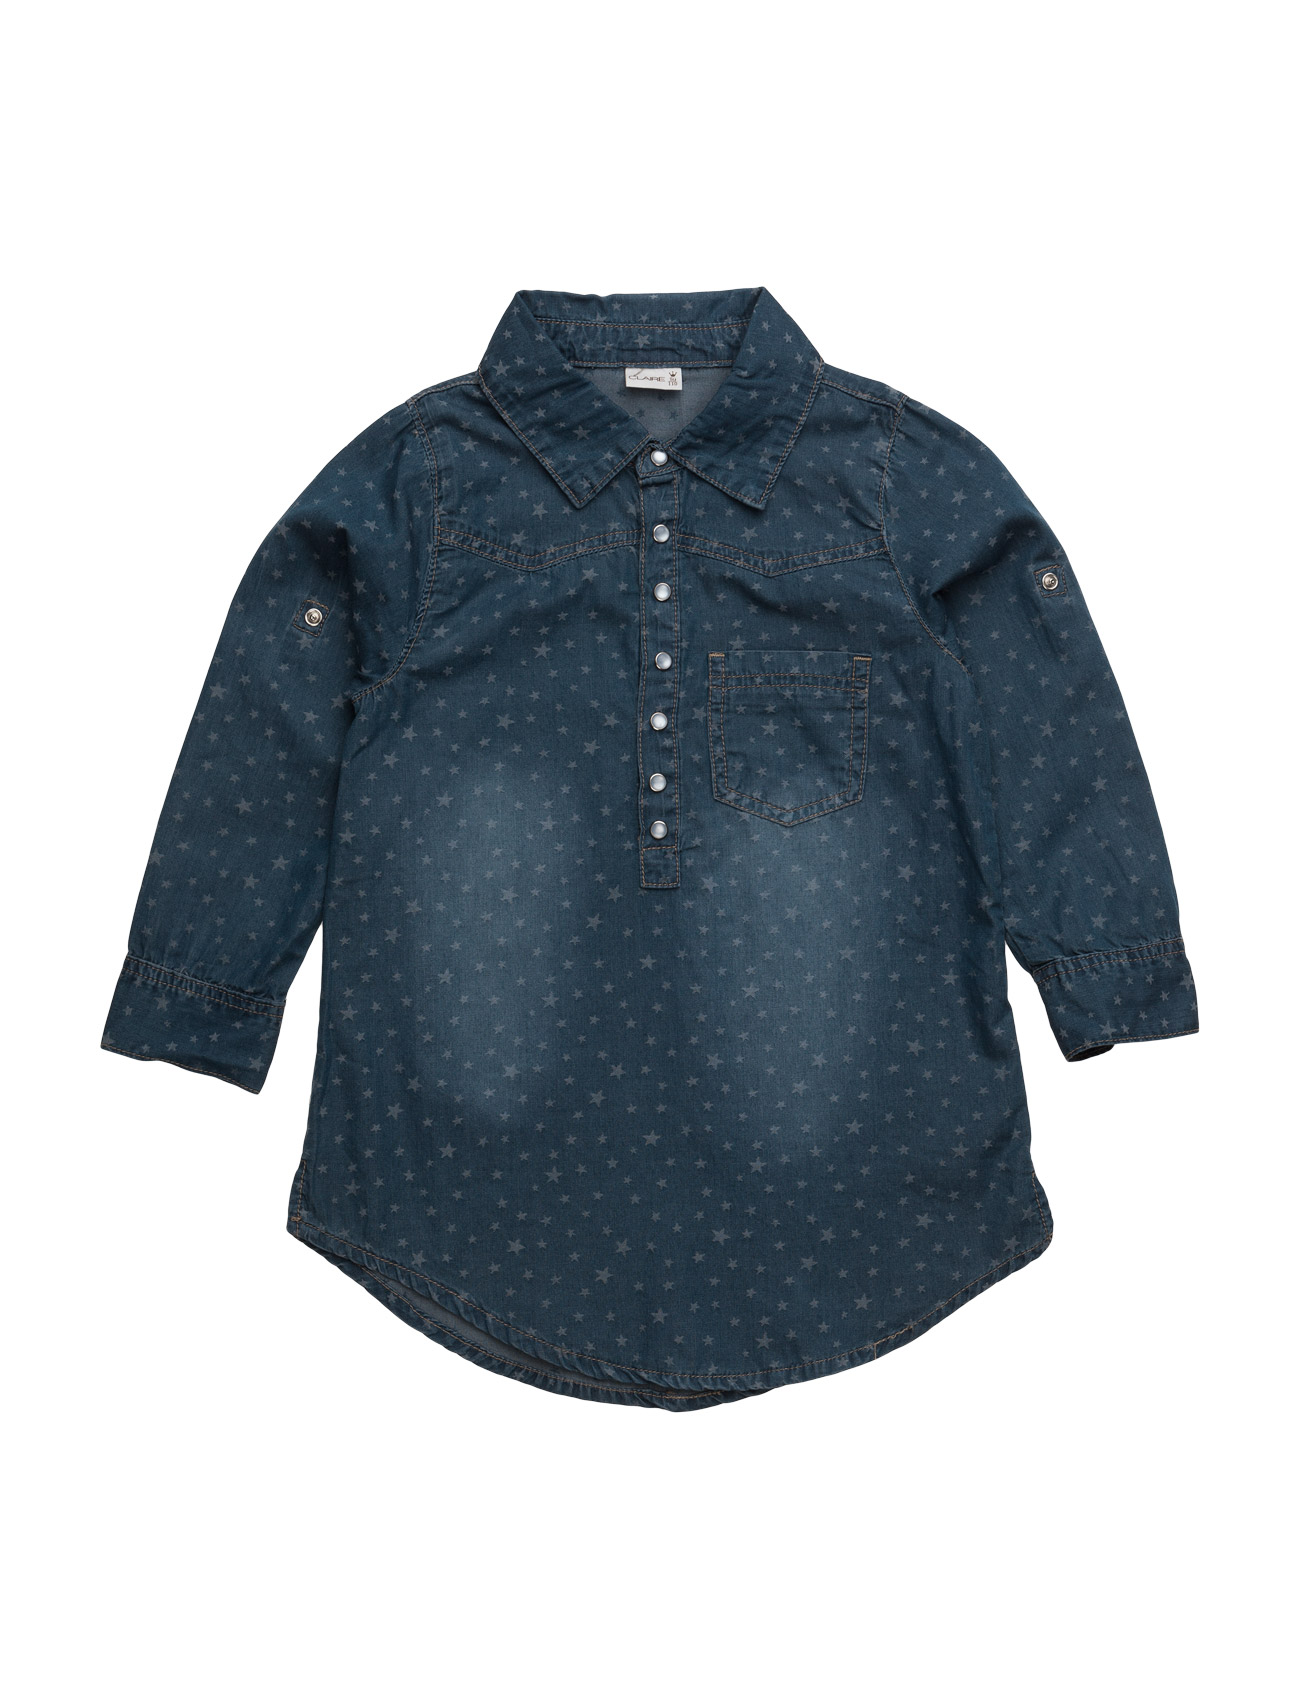 Shirt Hust & Claire  til Børn i Denim